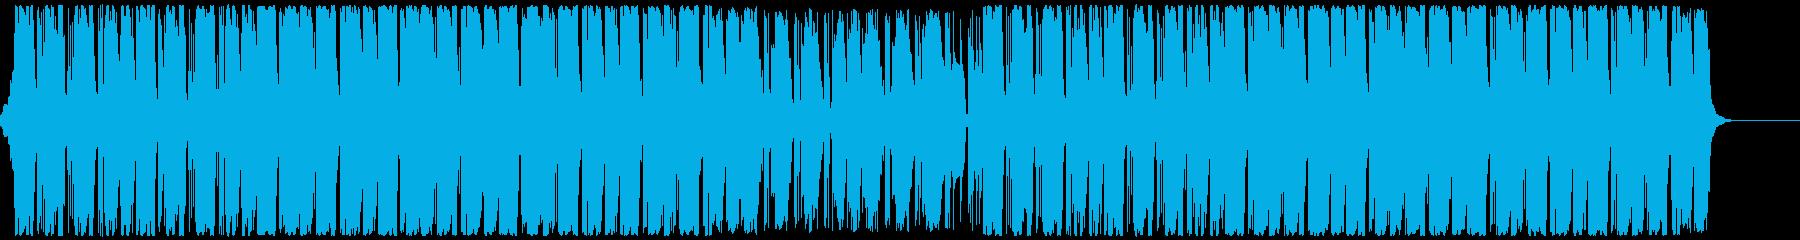 モダンなクラブ系サウンド CM・企業VPの再生済みの波形